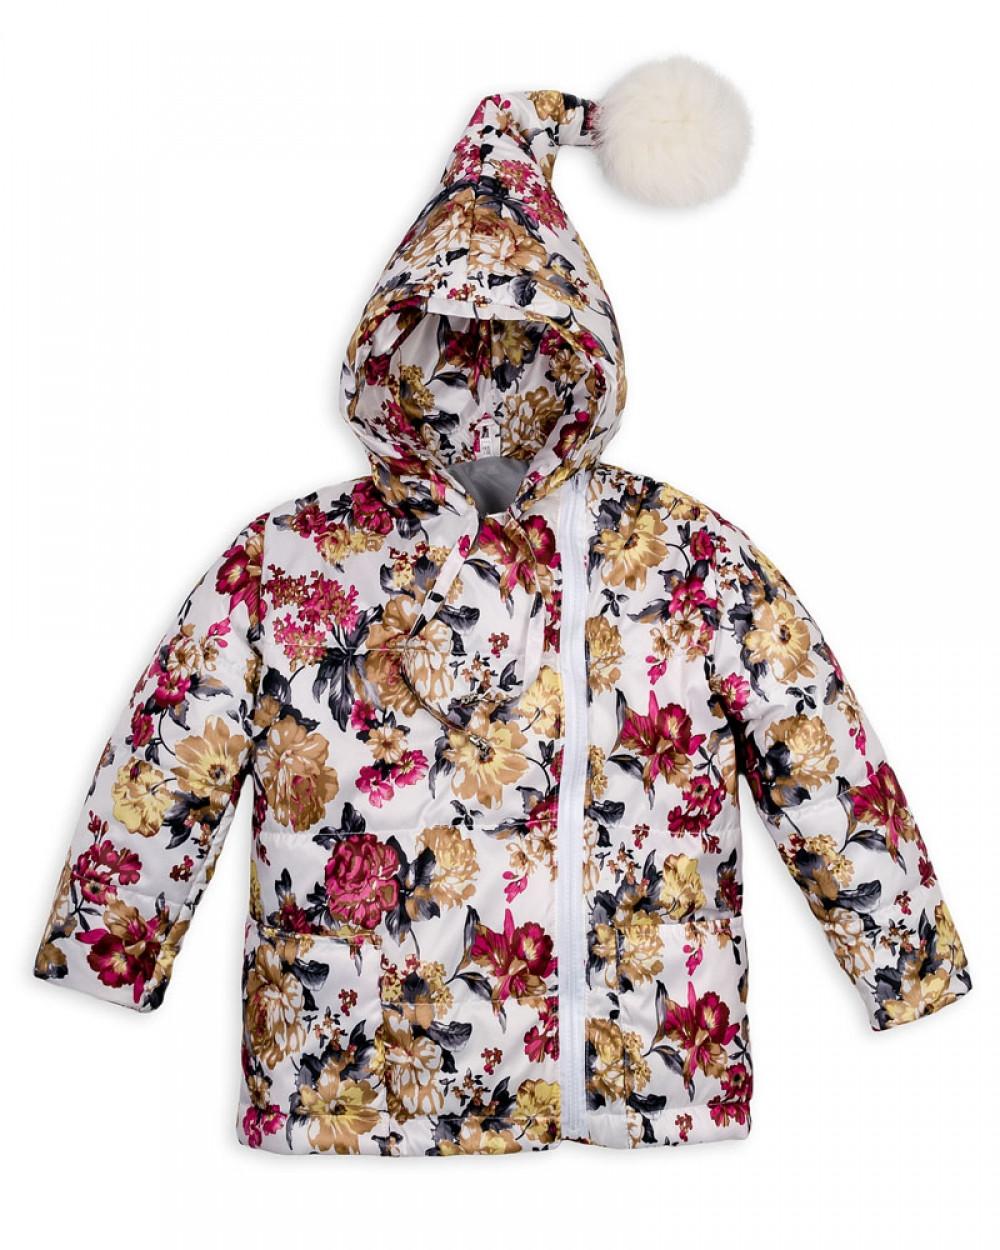 Детская куртка с помпоном Пусик Гномик весна-осень 90-122 см (1-2, 2-3, 4-5 лет) (Цветы)